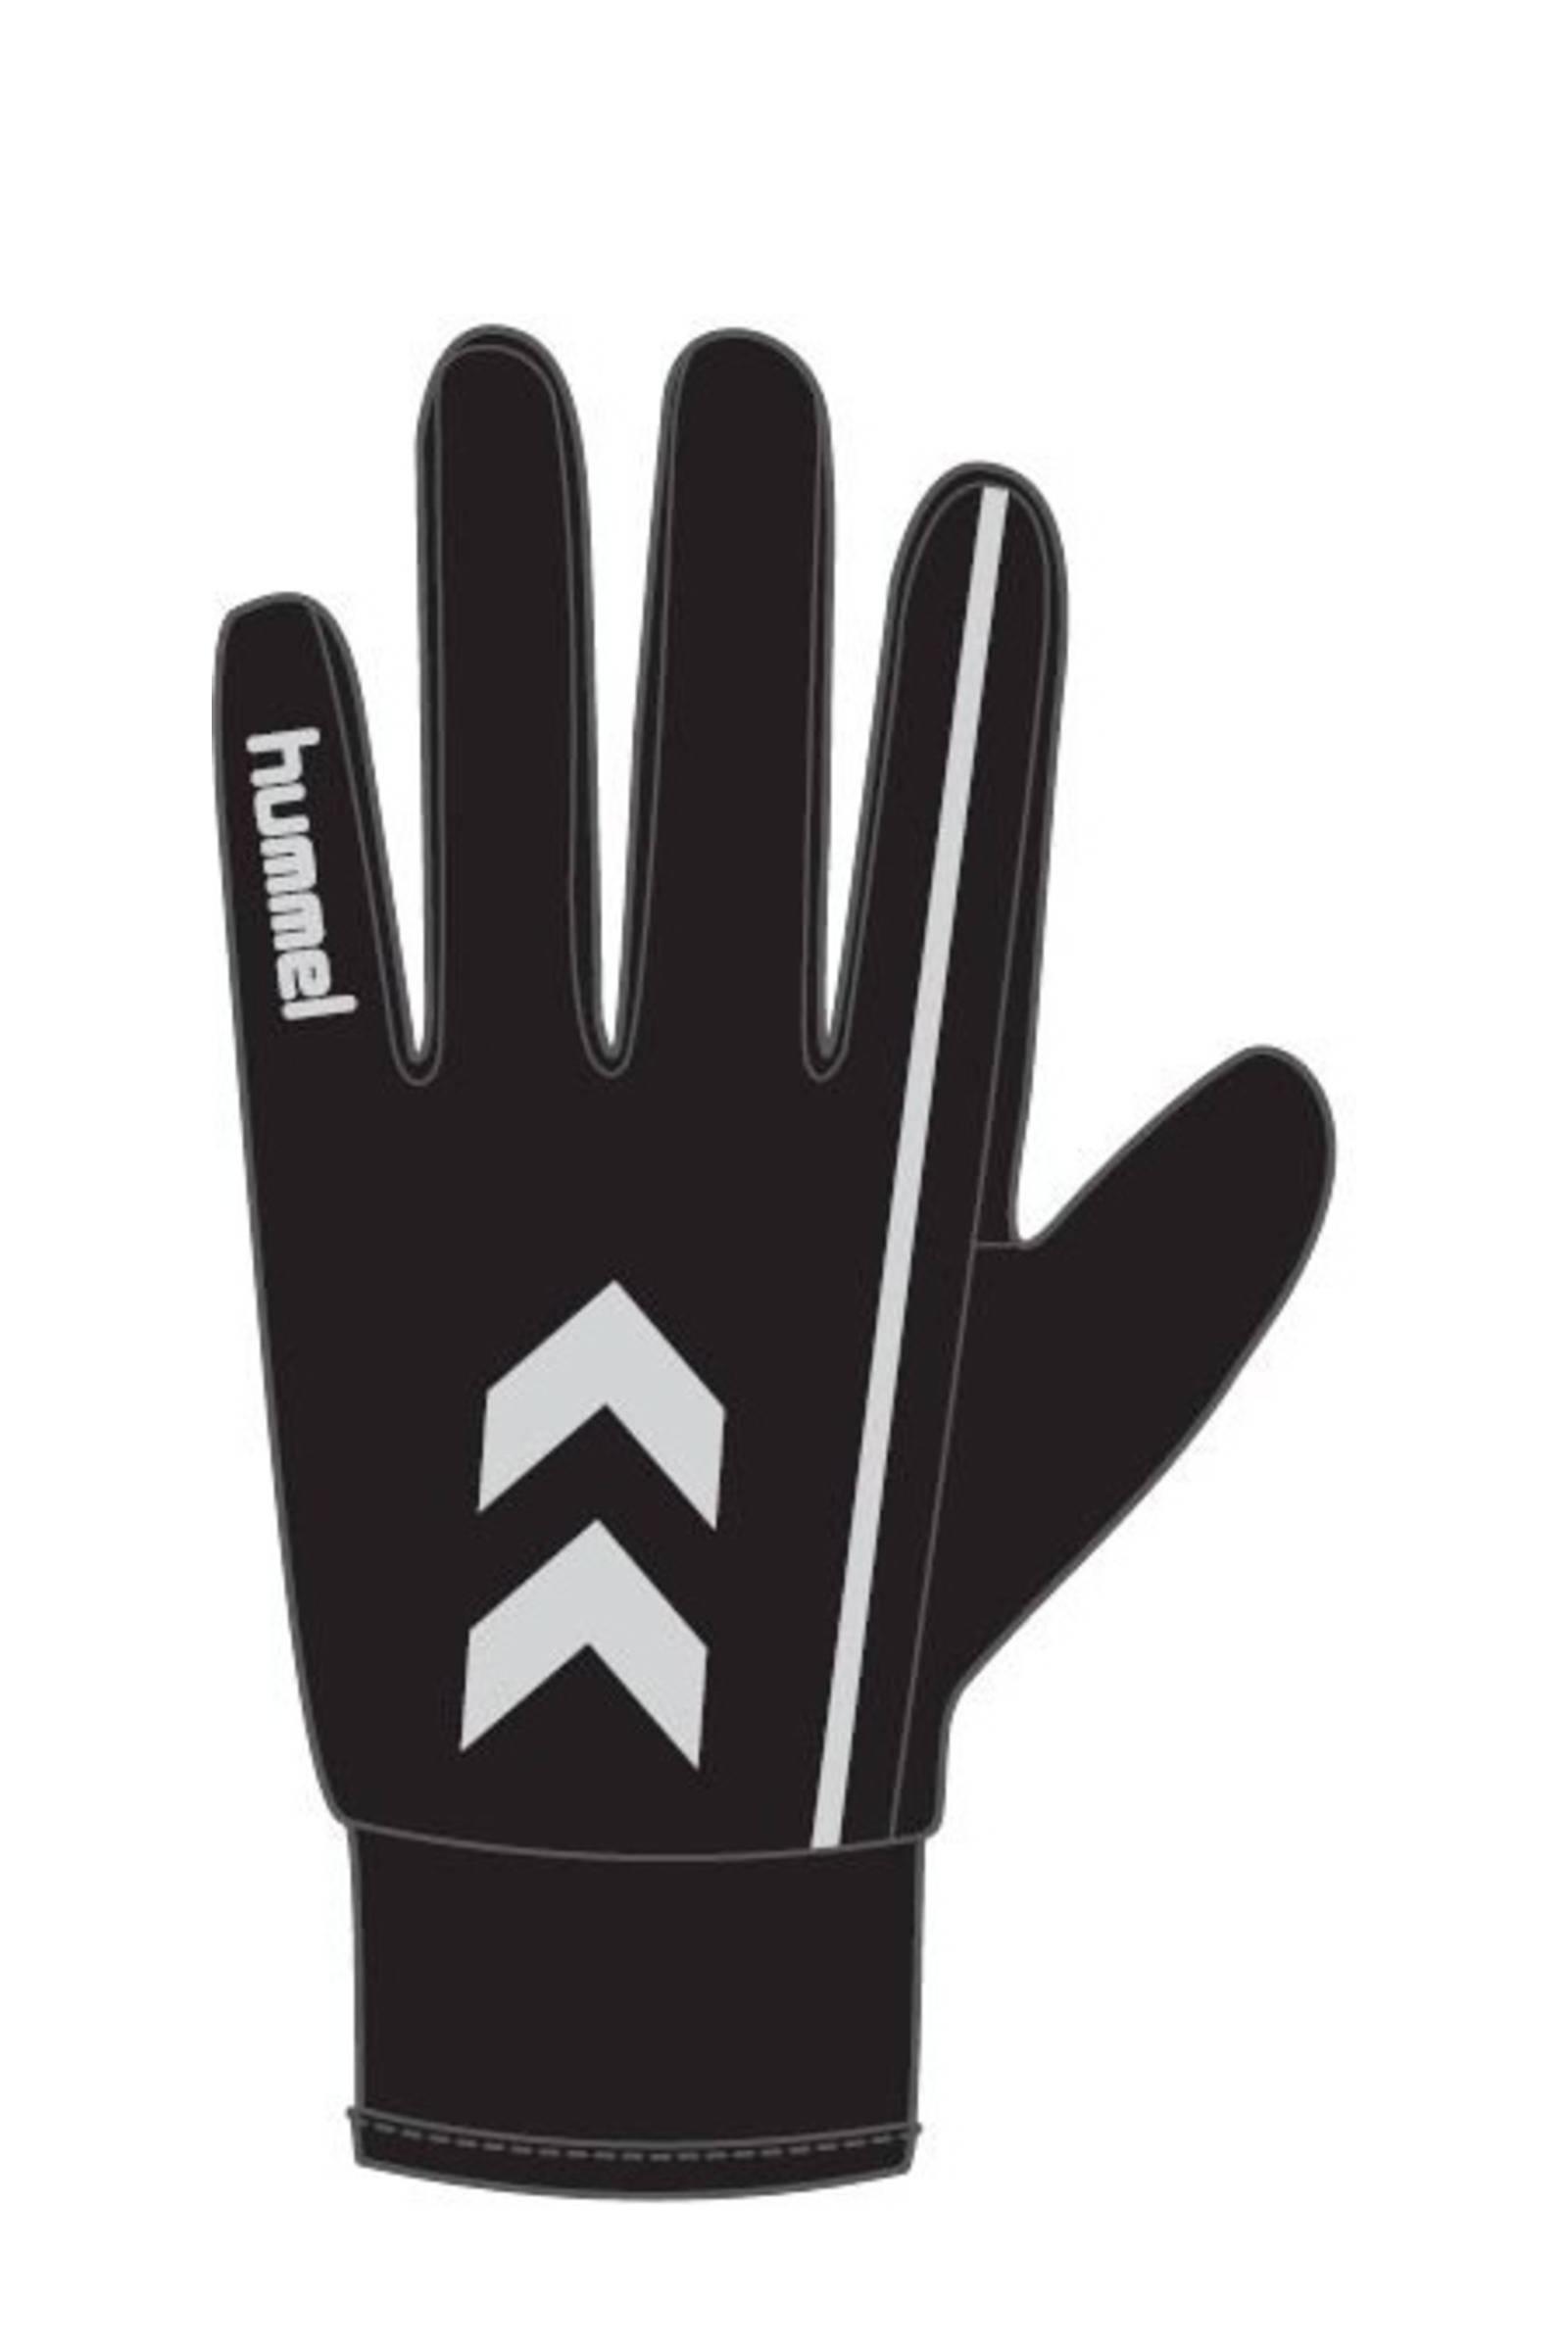 Hummel Authentic Noir Player Glove online kopen